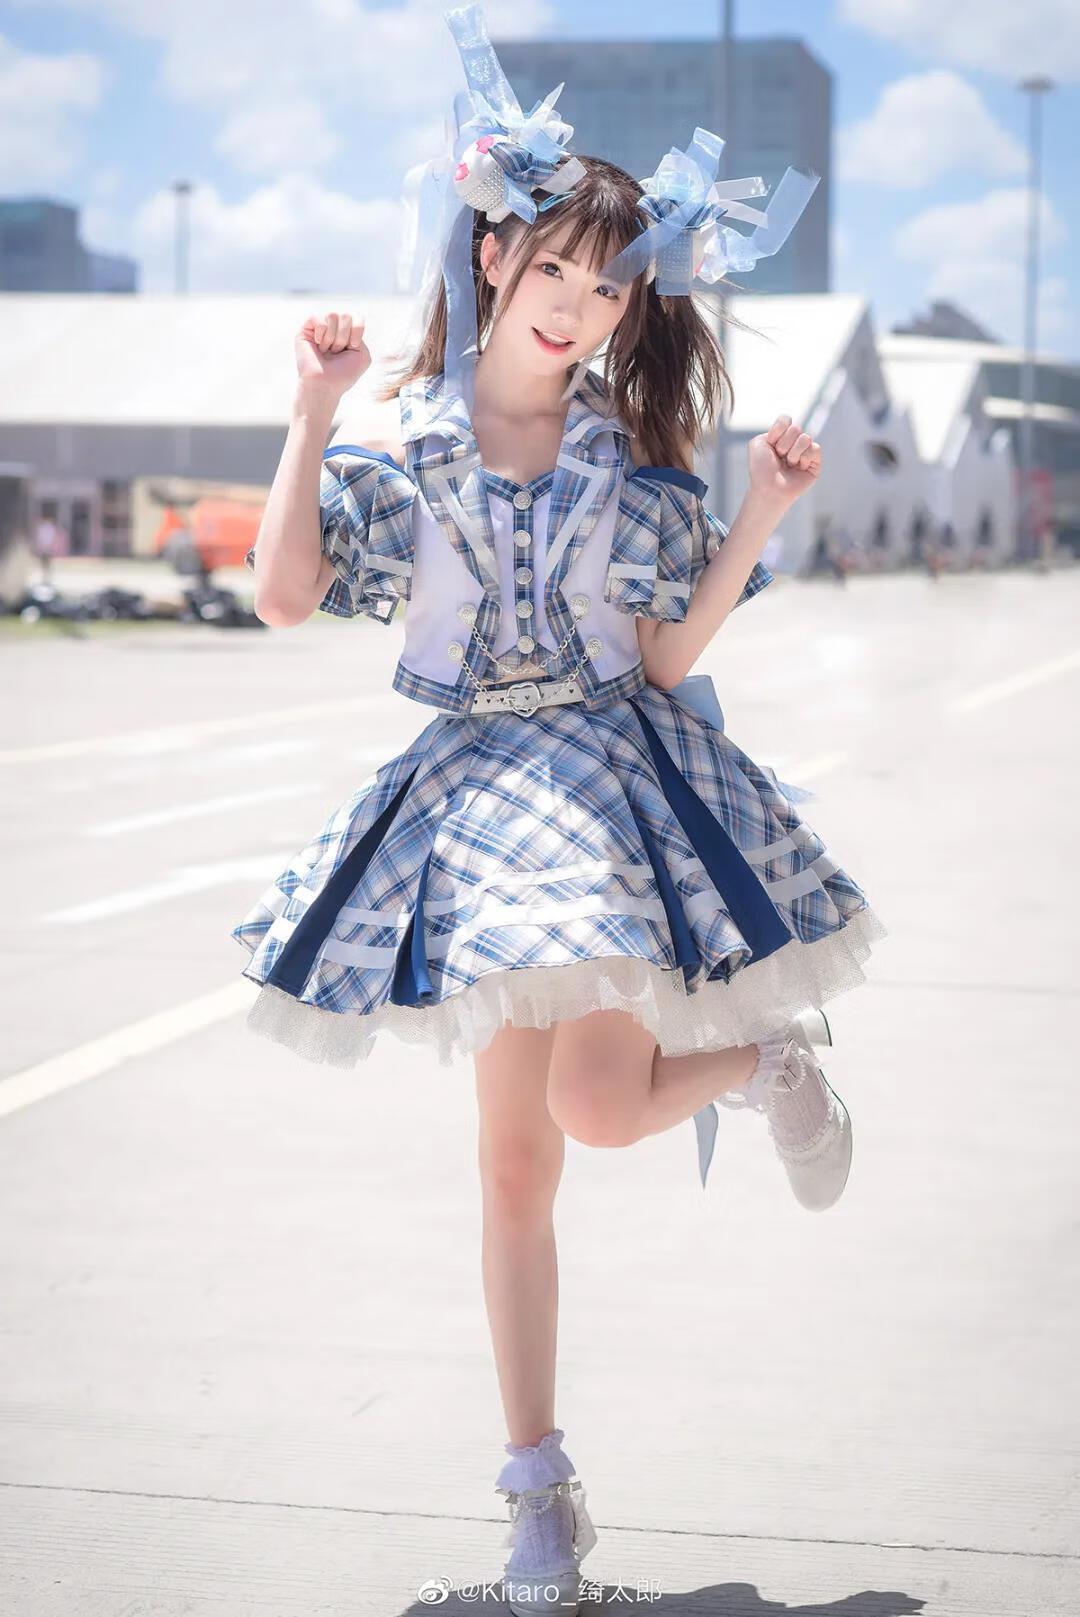 Kitaro_绮太郎ac娘打歌服写真,元气满满美少女